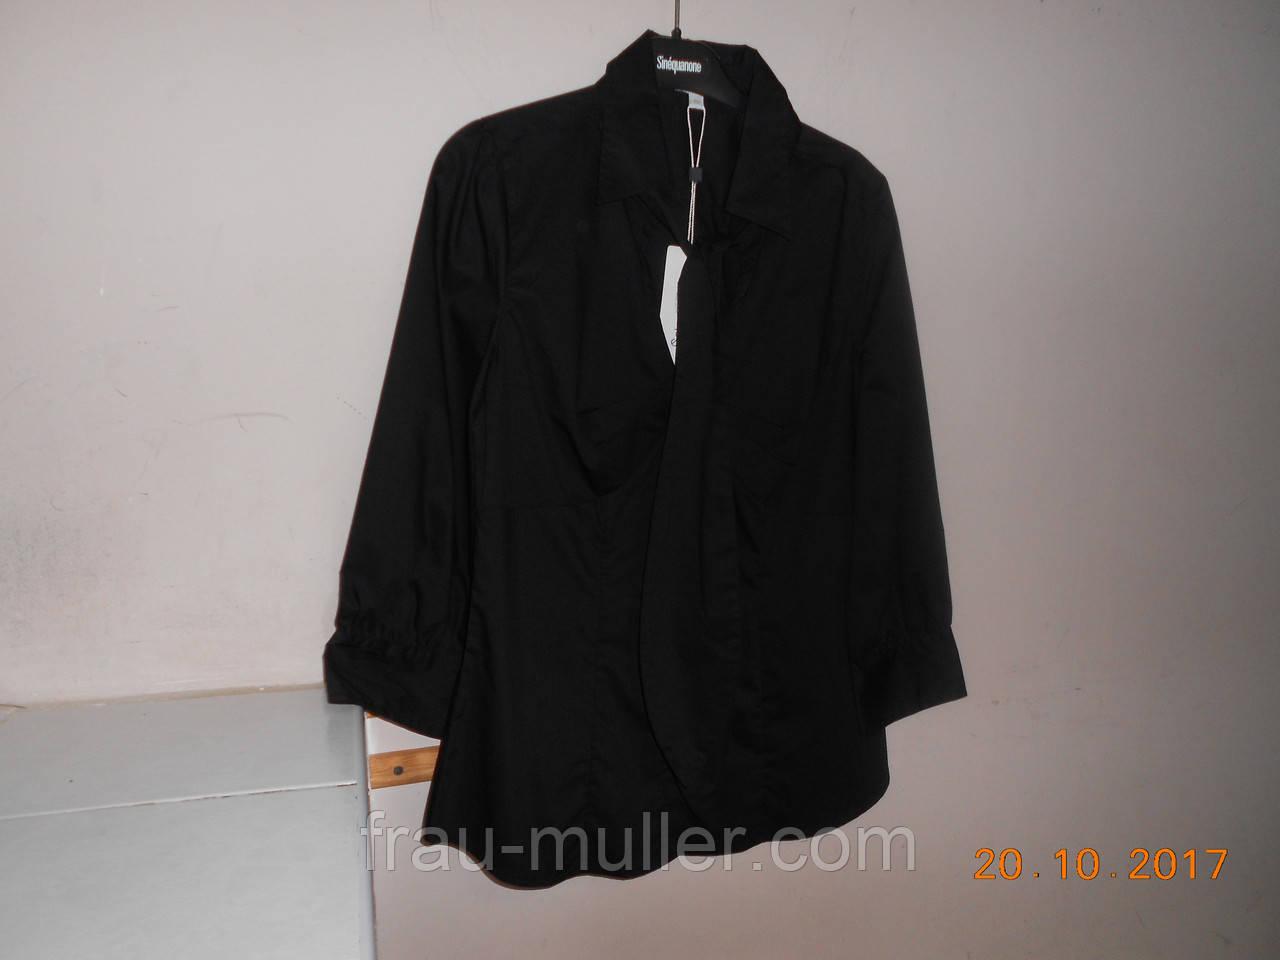 da341f660a04 Красивая черная блузка с галстуком Solar, цена 880 грн., купить Одеса —  Prom.ua (ID#607336210)